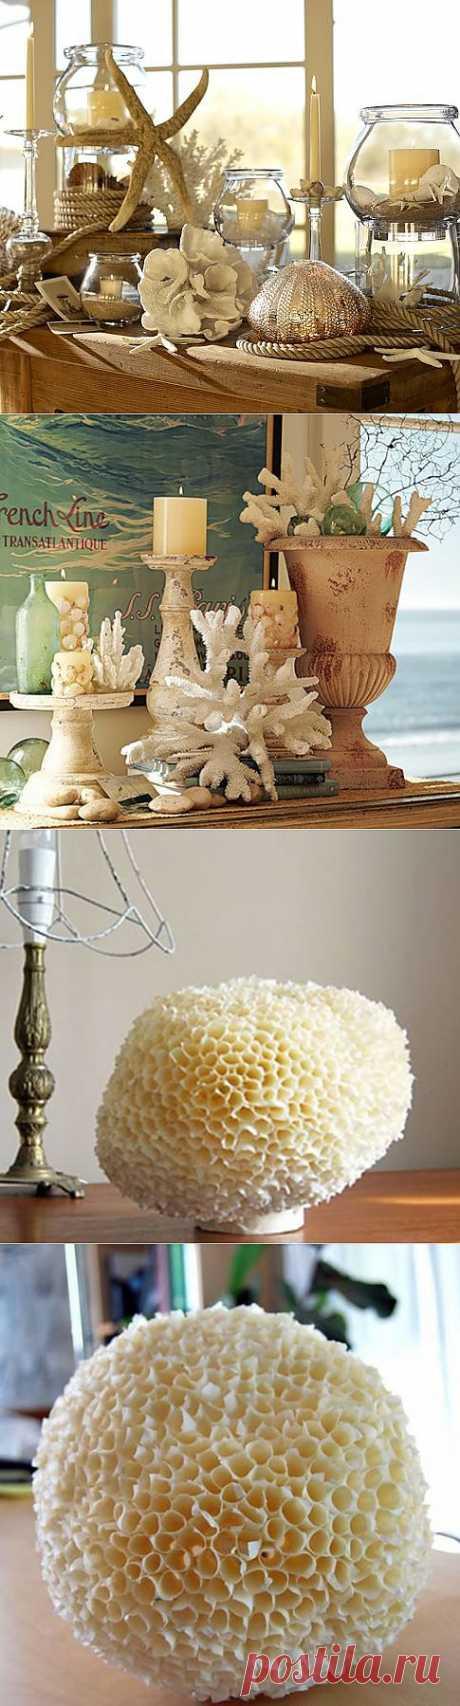 Морская губка и кораллы своими руками для украшения интерьера в морском стиле.